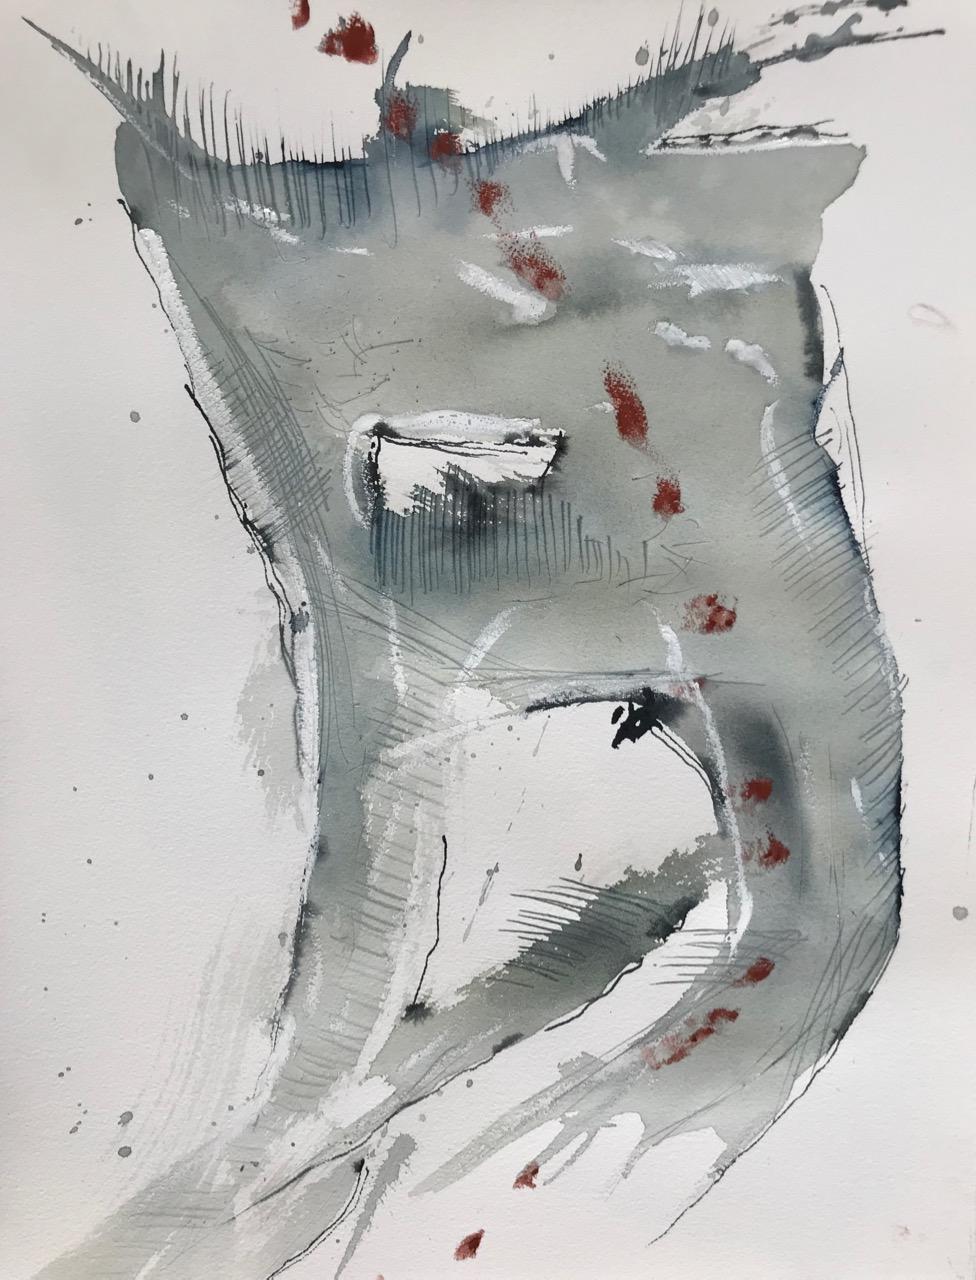 Graf Zahn, Aquarell und Tusche auf Papier, 46 x 61 cm, 2018